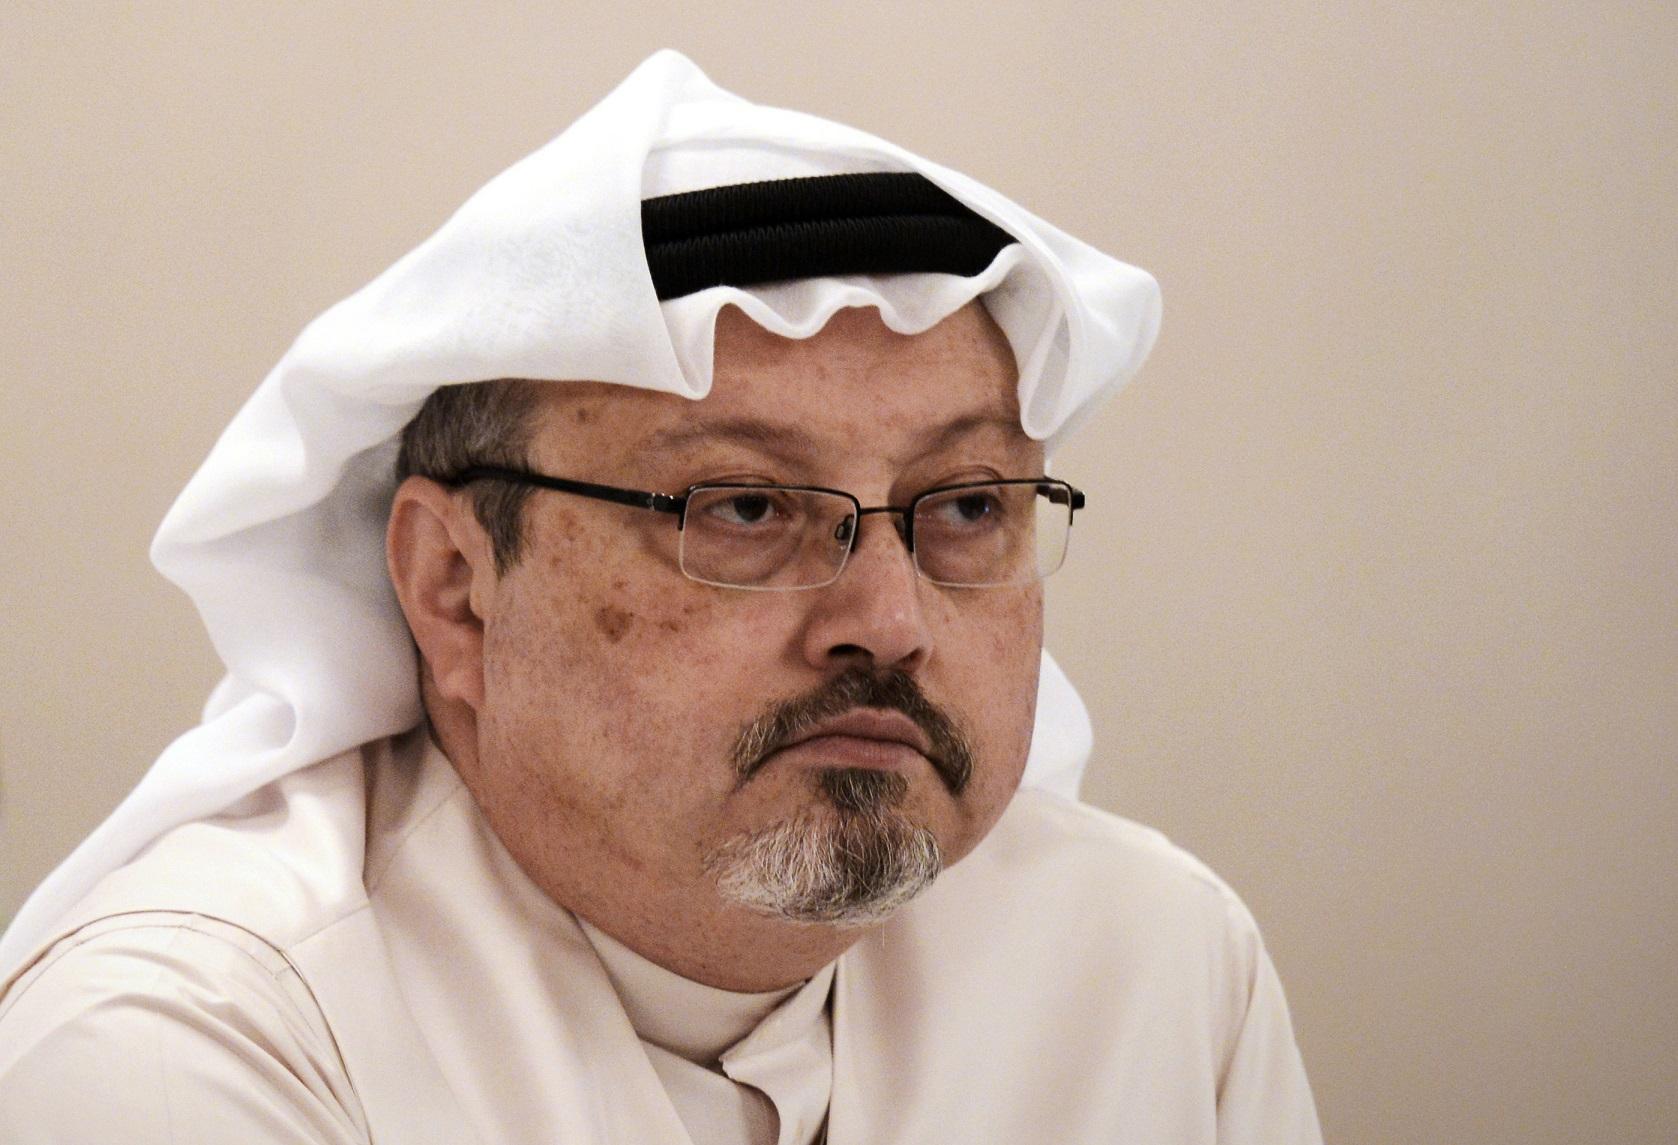 (Jornalista Jamal Khashoggi foi morto e esquartejado em 2018. Foto: MOHAMMED AL-SHAIKH / AFP)